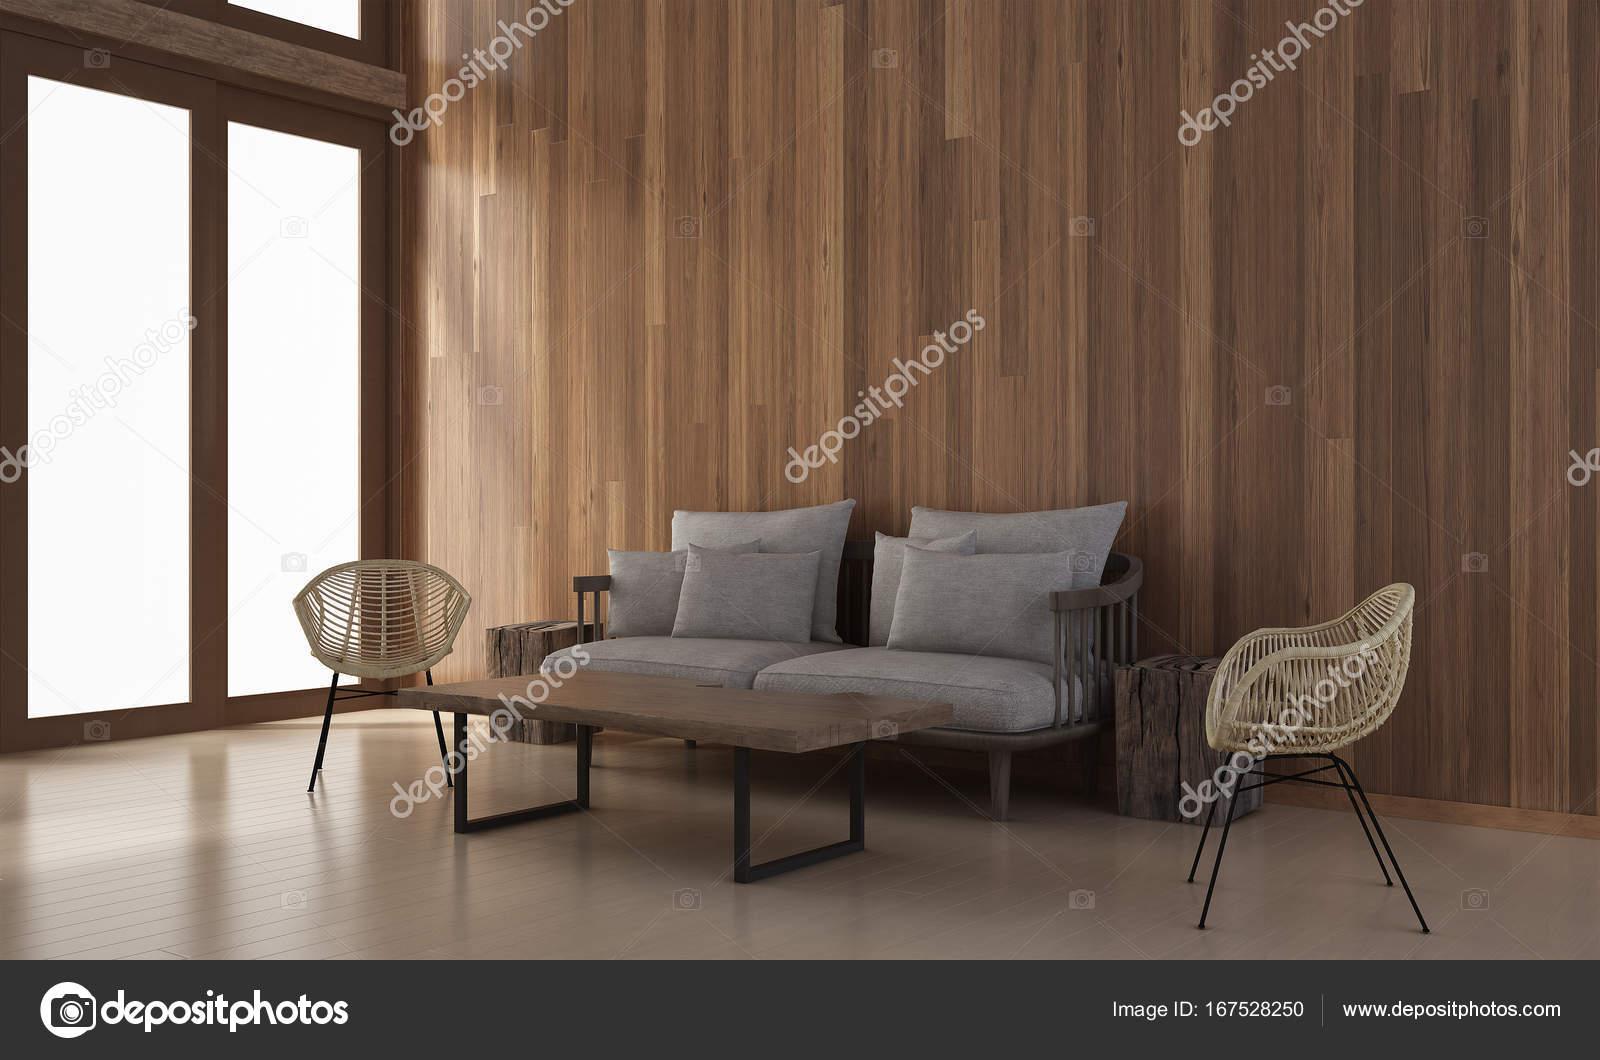 Die Innenausstattung des minimalen Wohnzimmer und Holz Wand Textur ...